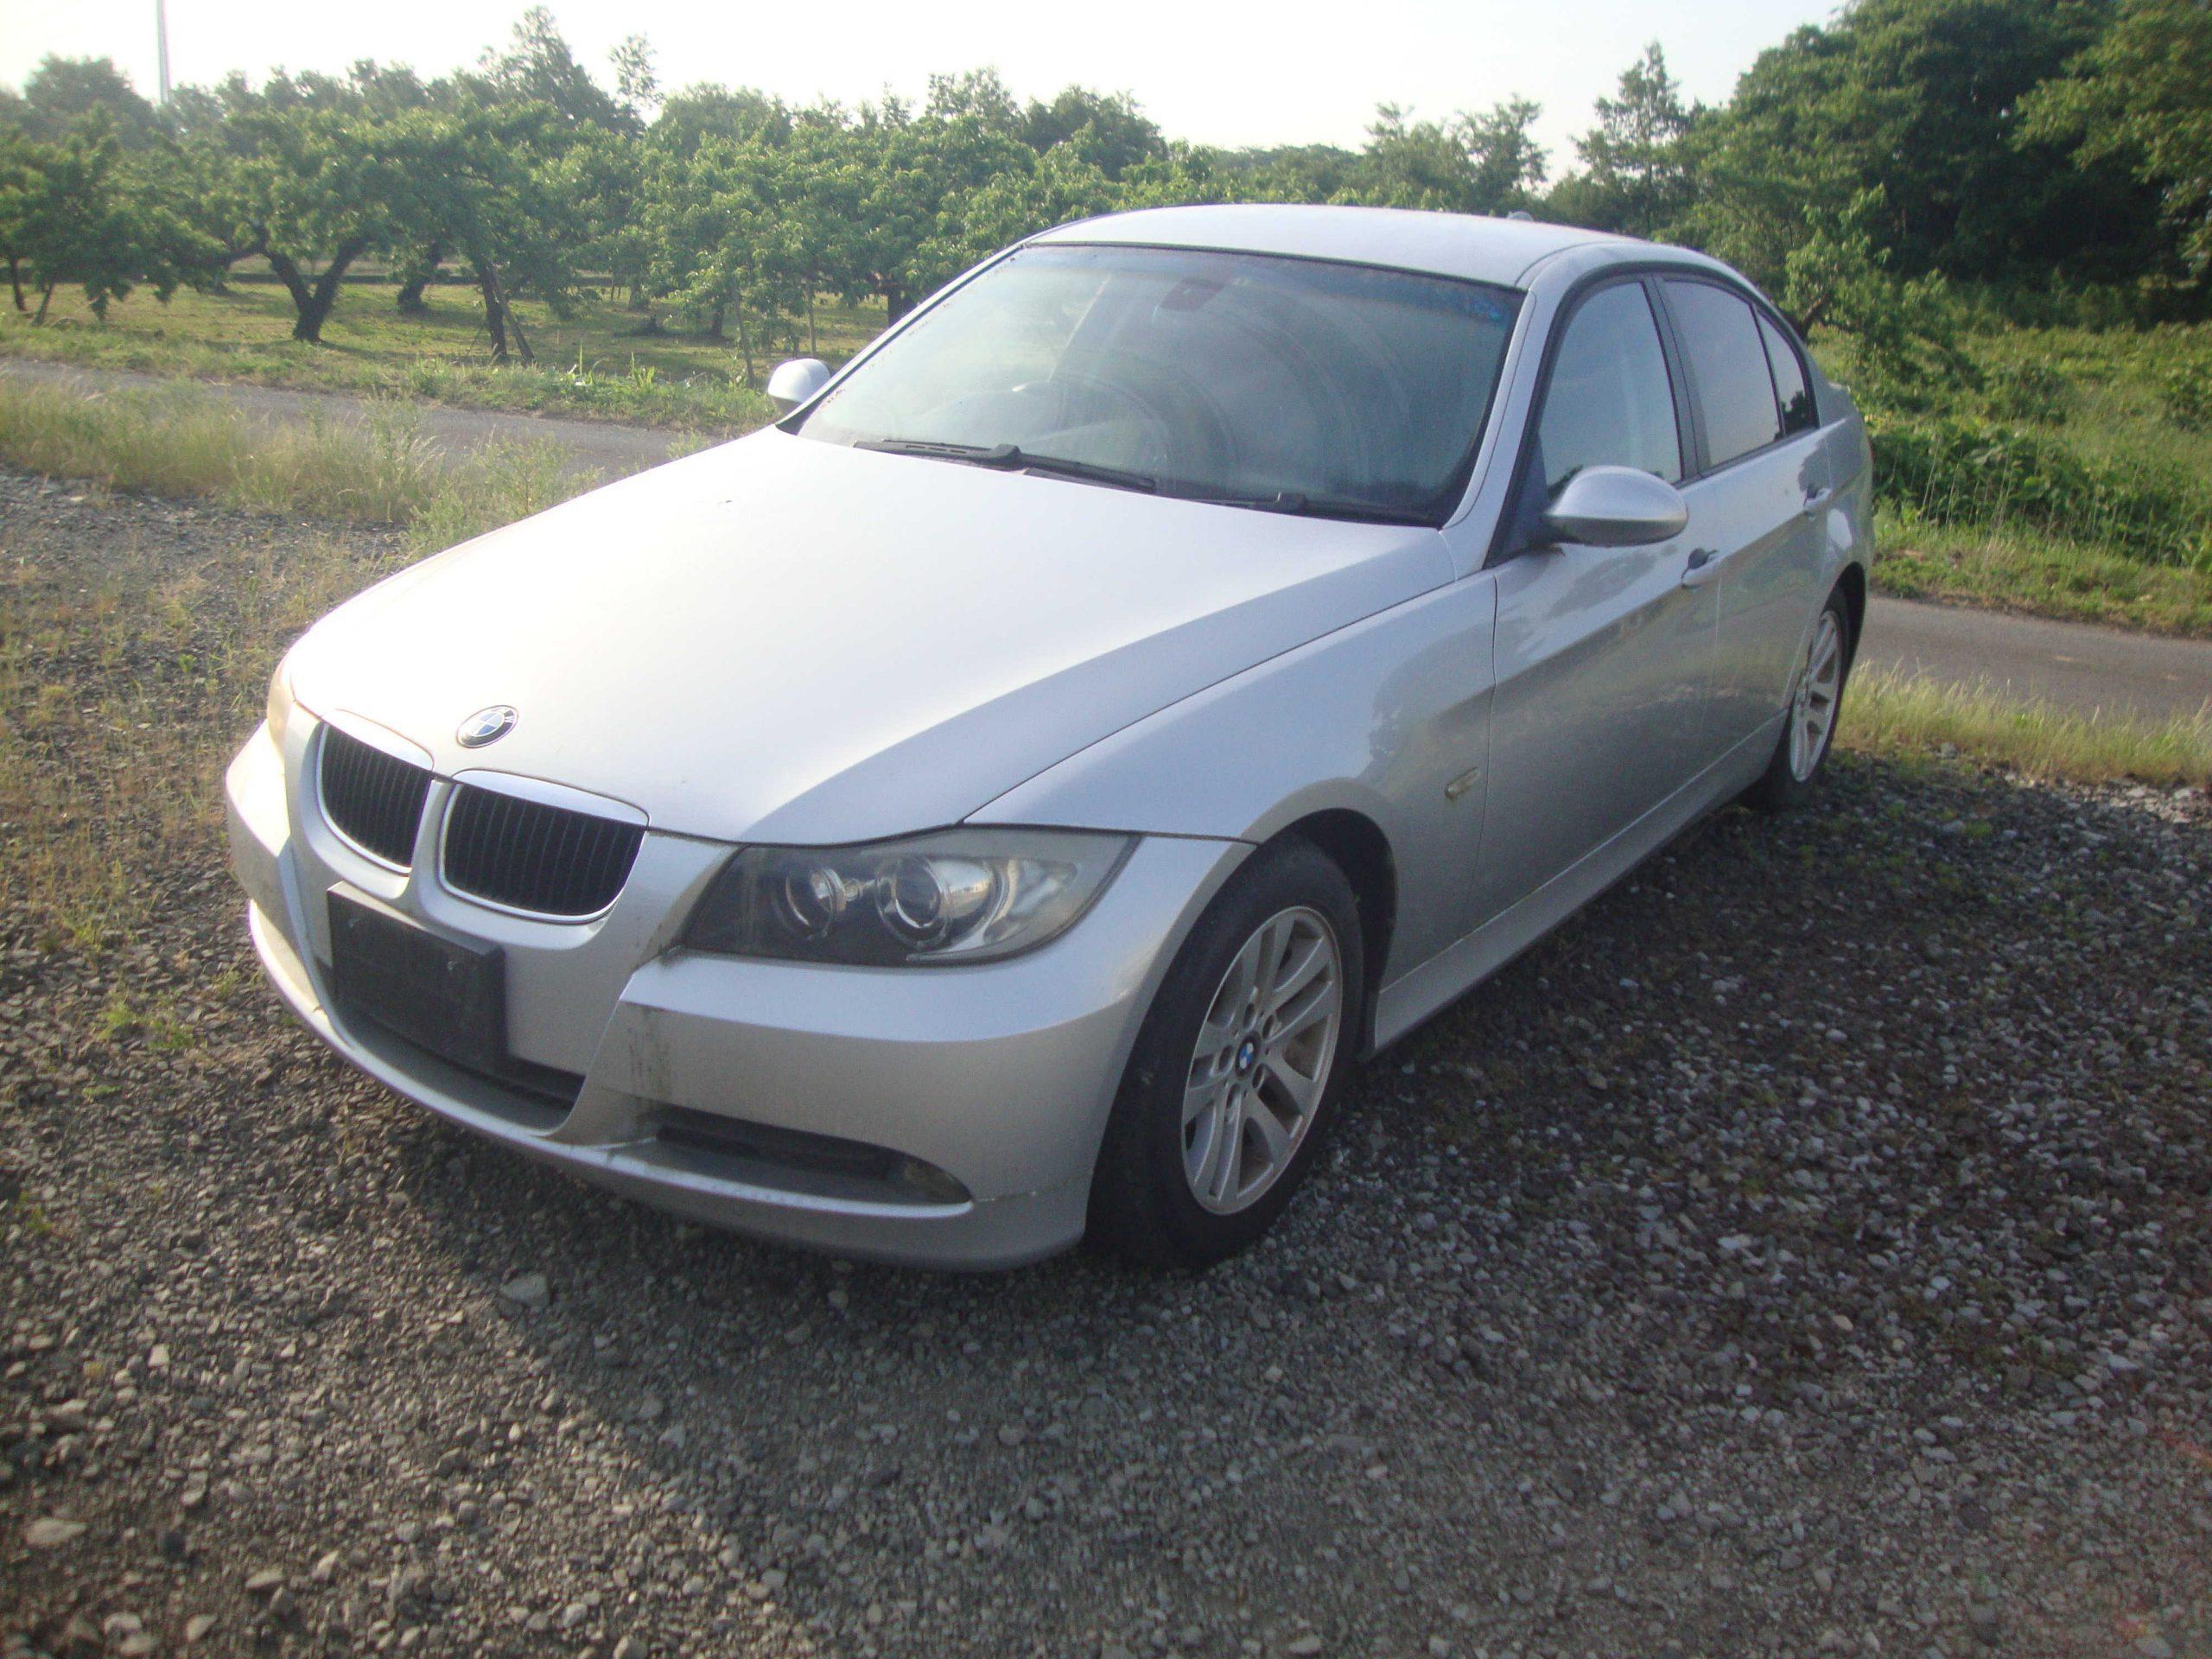 BMW320i 廃車 解体車 輸出向け車両